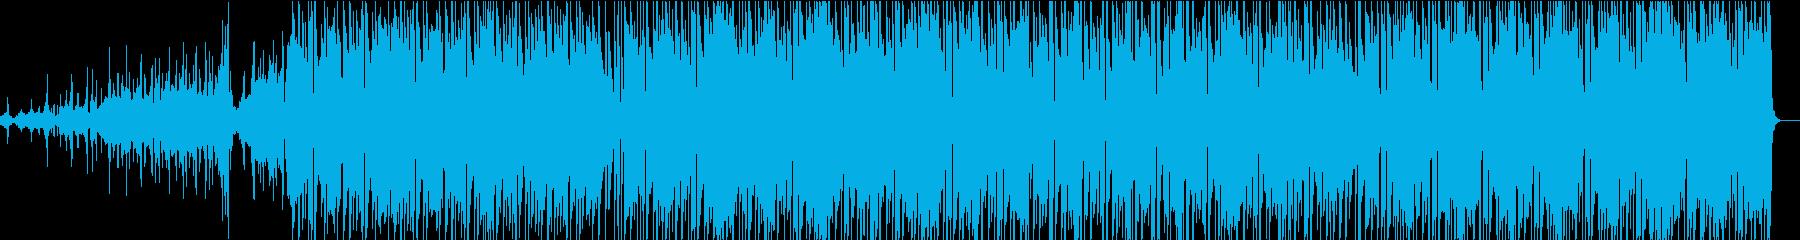 エレキギターが気持ち良い近未来的サウンドの再生済みの波形